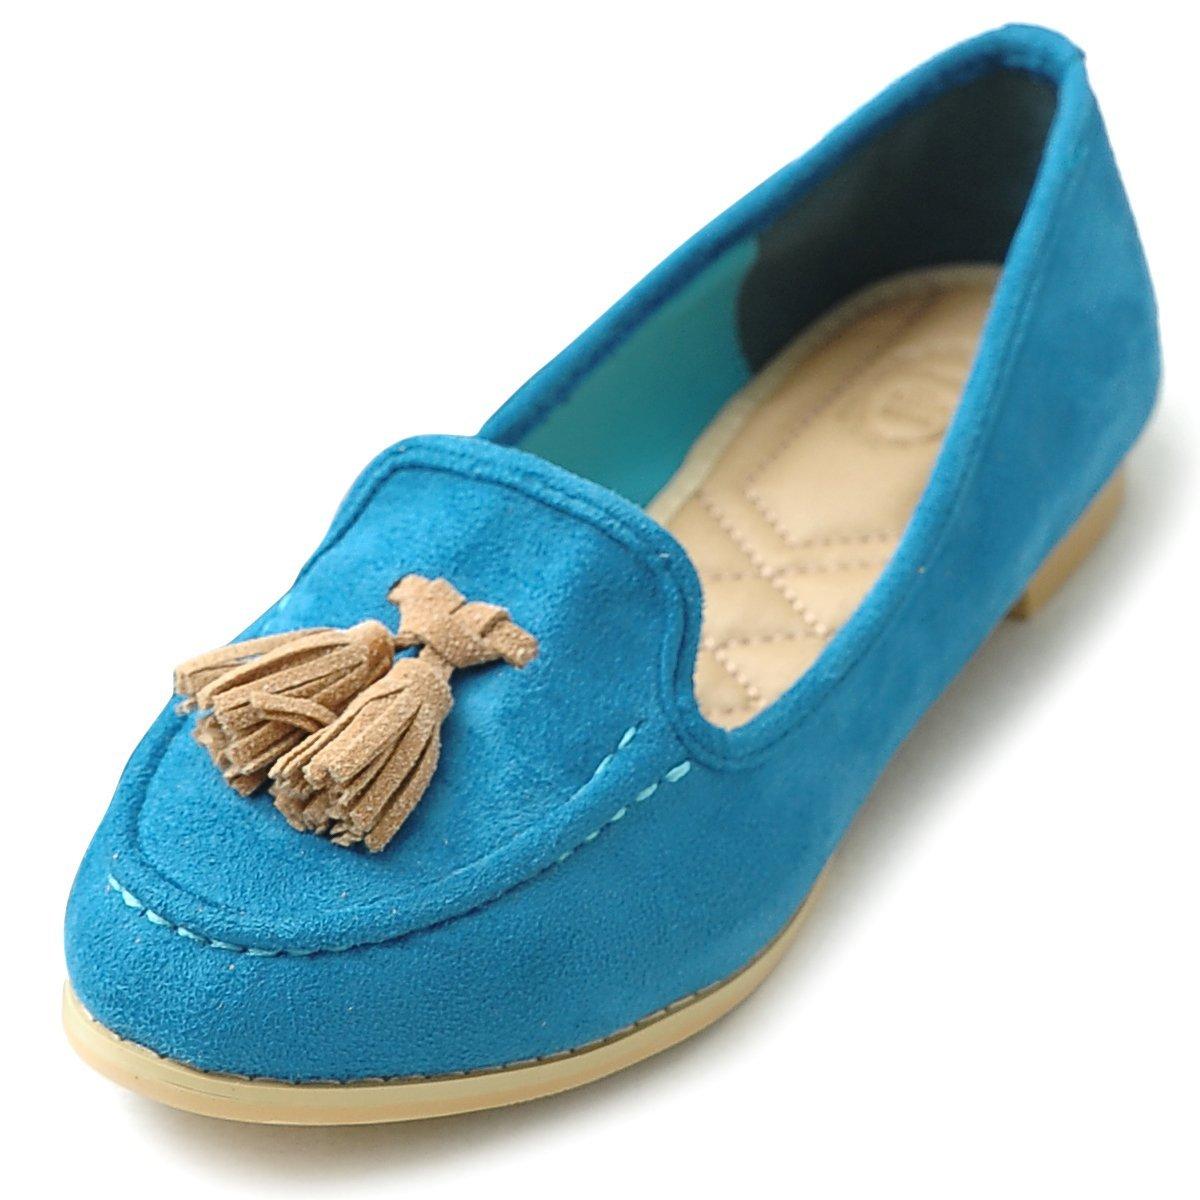 Ollio Women's Ballet Shoe Tassel Faux-Suede Cute Flat B00GFXBVPO 10 B(M) US|Blue